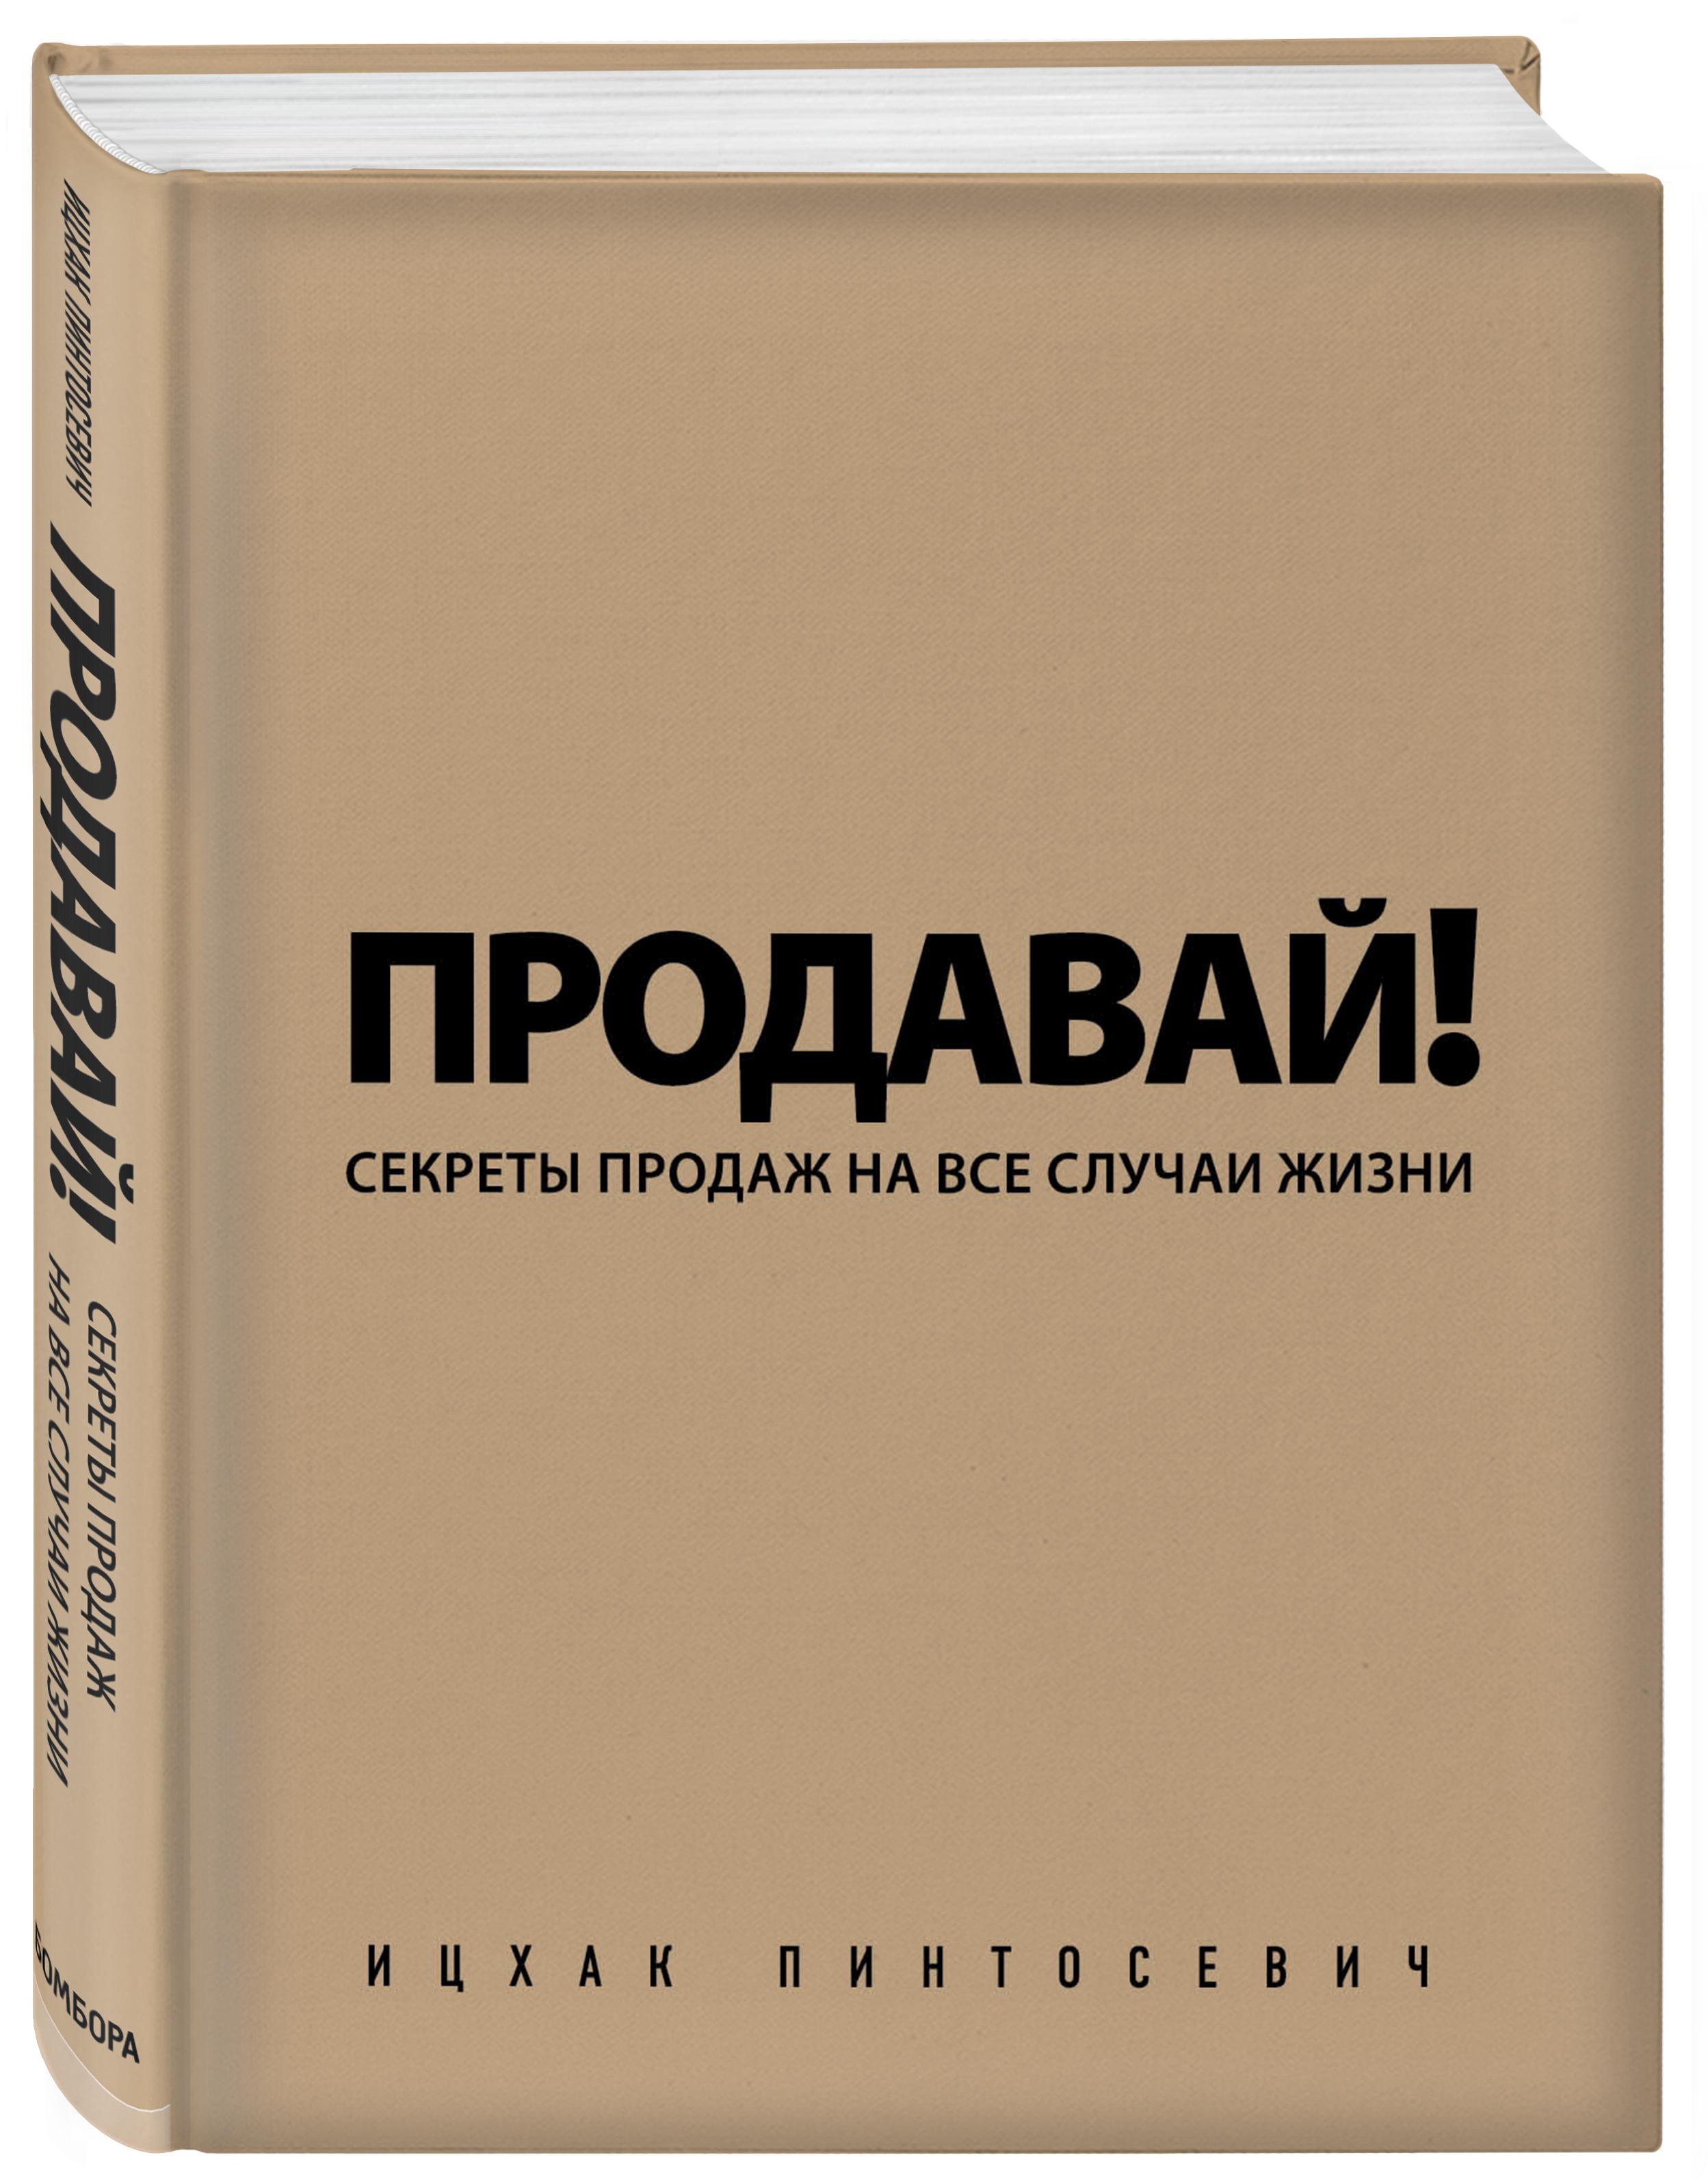 Ицхак Пинтосевич Продавай! Секреты продаж на все случаи жизни